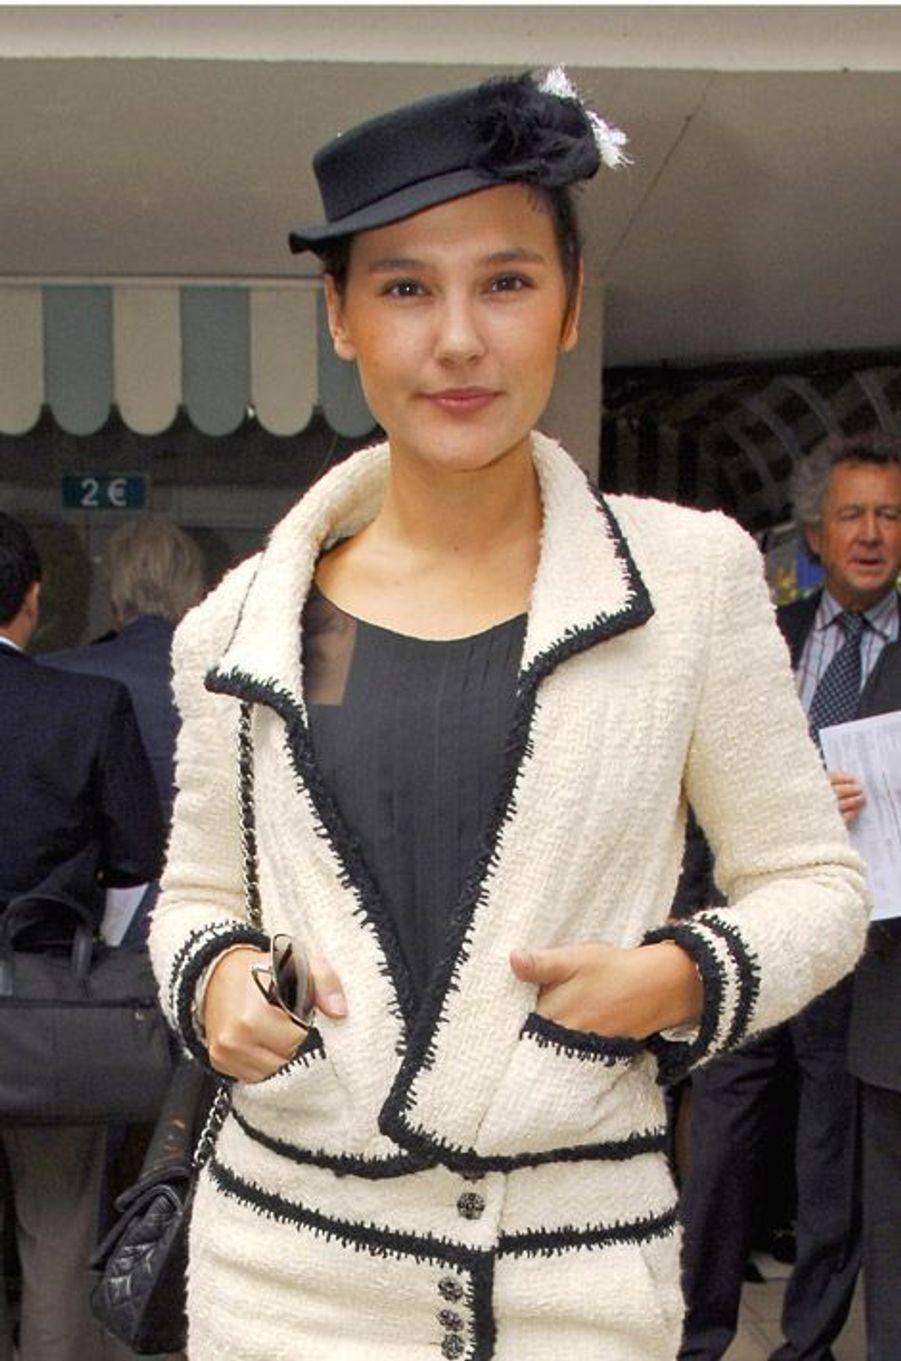 Une fille Chanel par excellence, en 2006, pour le 85ème prix de l'Arc de Triomphe à Longchamp